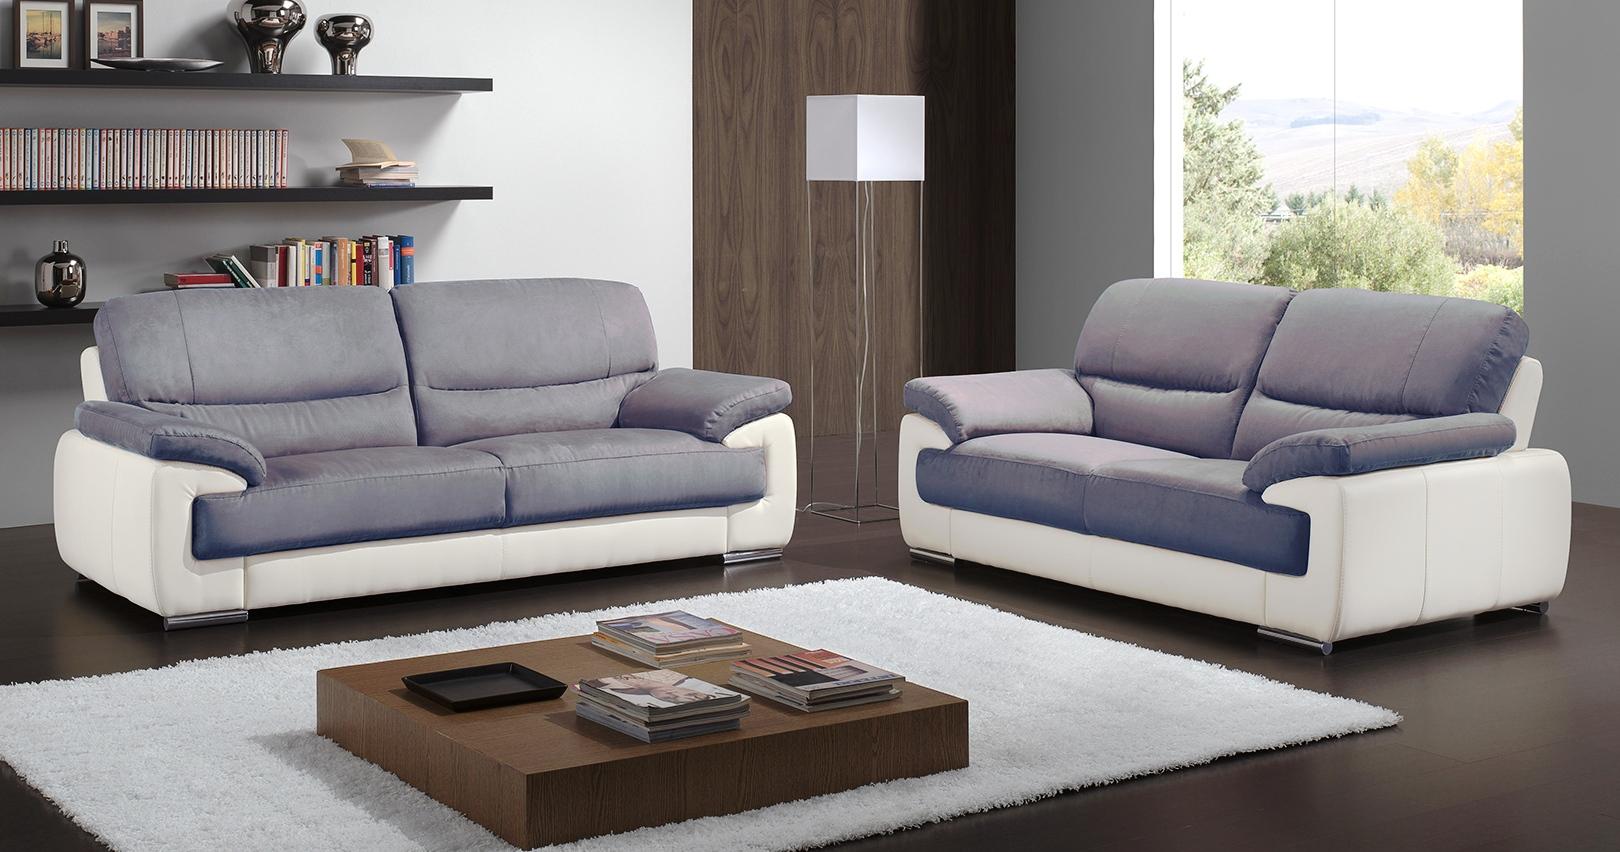 salon 3 2 toulon cuir pr mium et microfibre sur univers du cuir. Black Bedroom Furniture Sets. Home Design Ideas